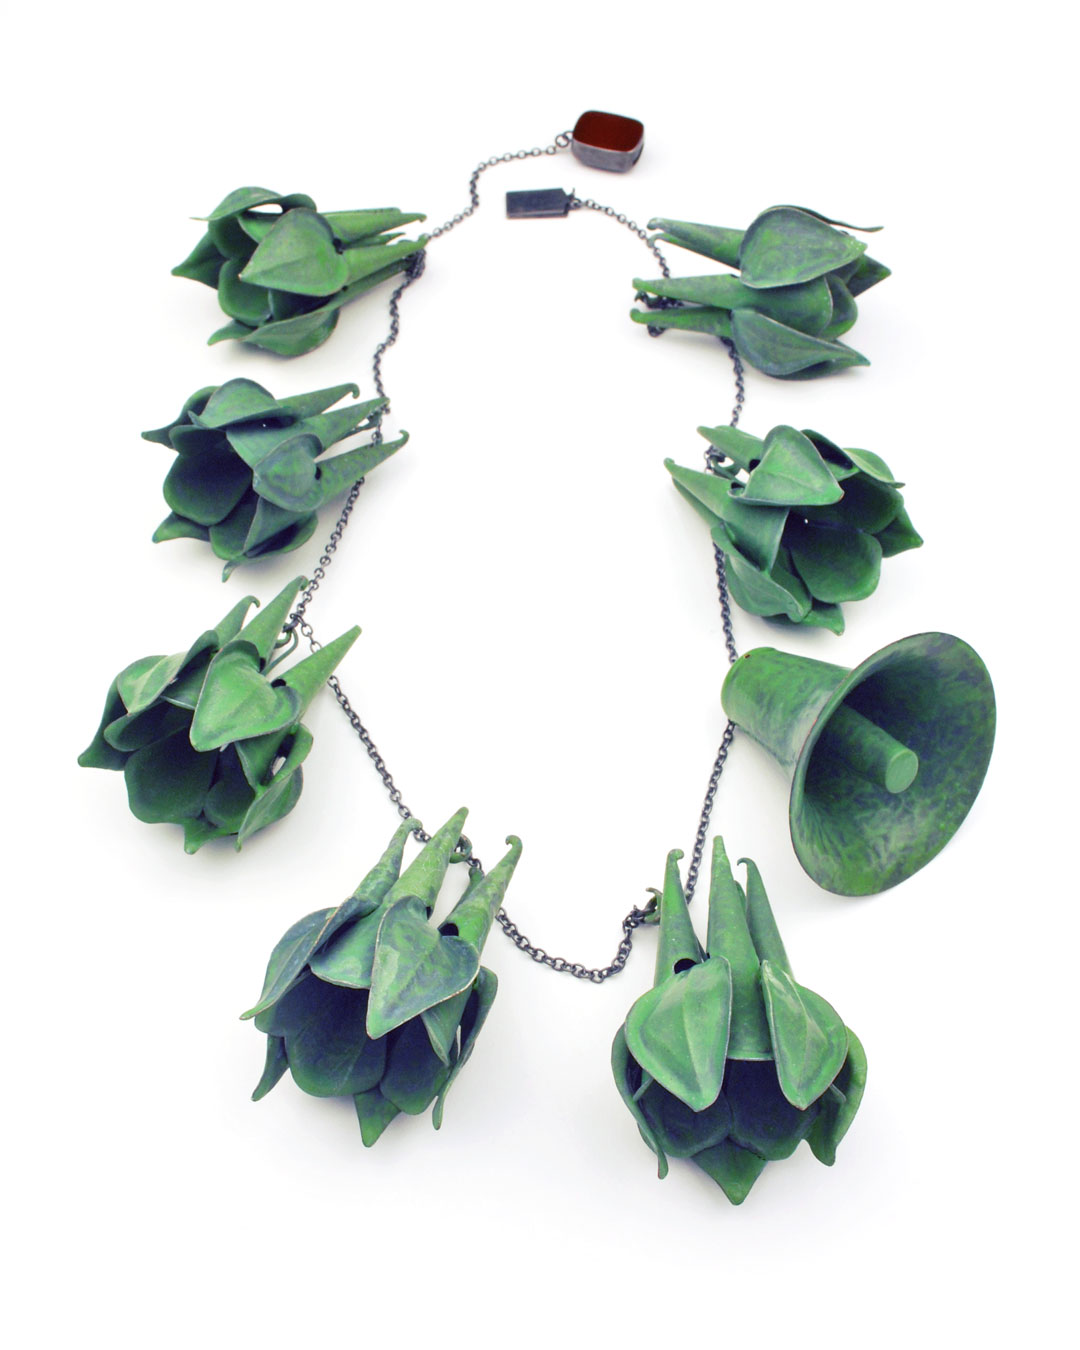 Vera Siemund, untitled, 2018, necklace; enamelled copper, silver, glass, 260 x 370 x 6 mm, €5080